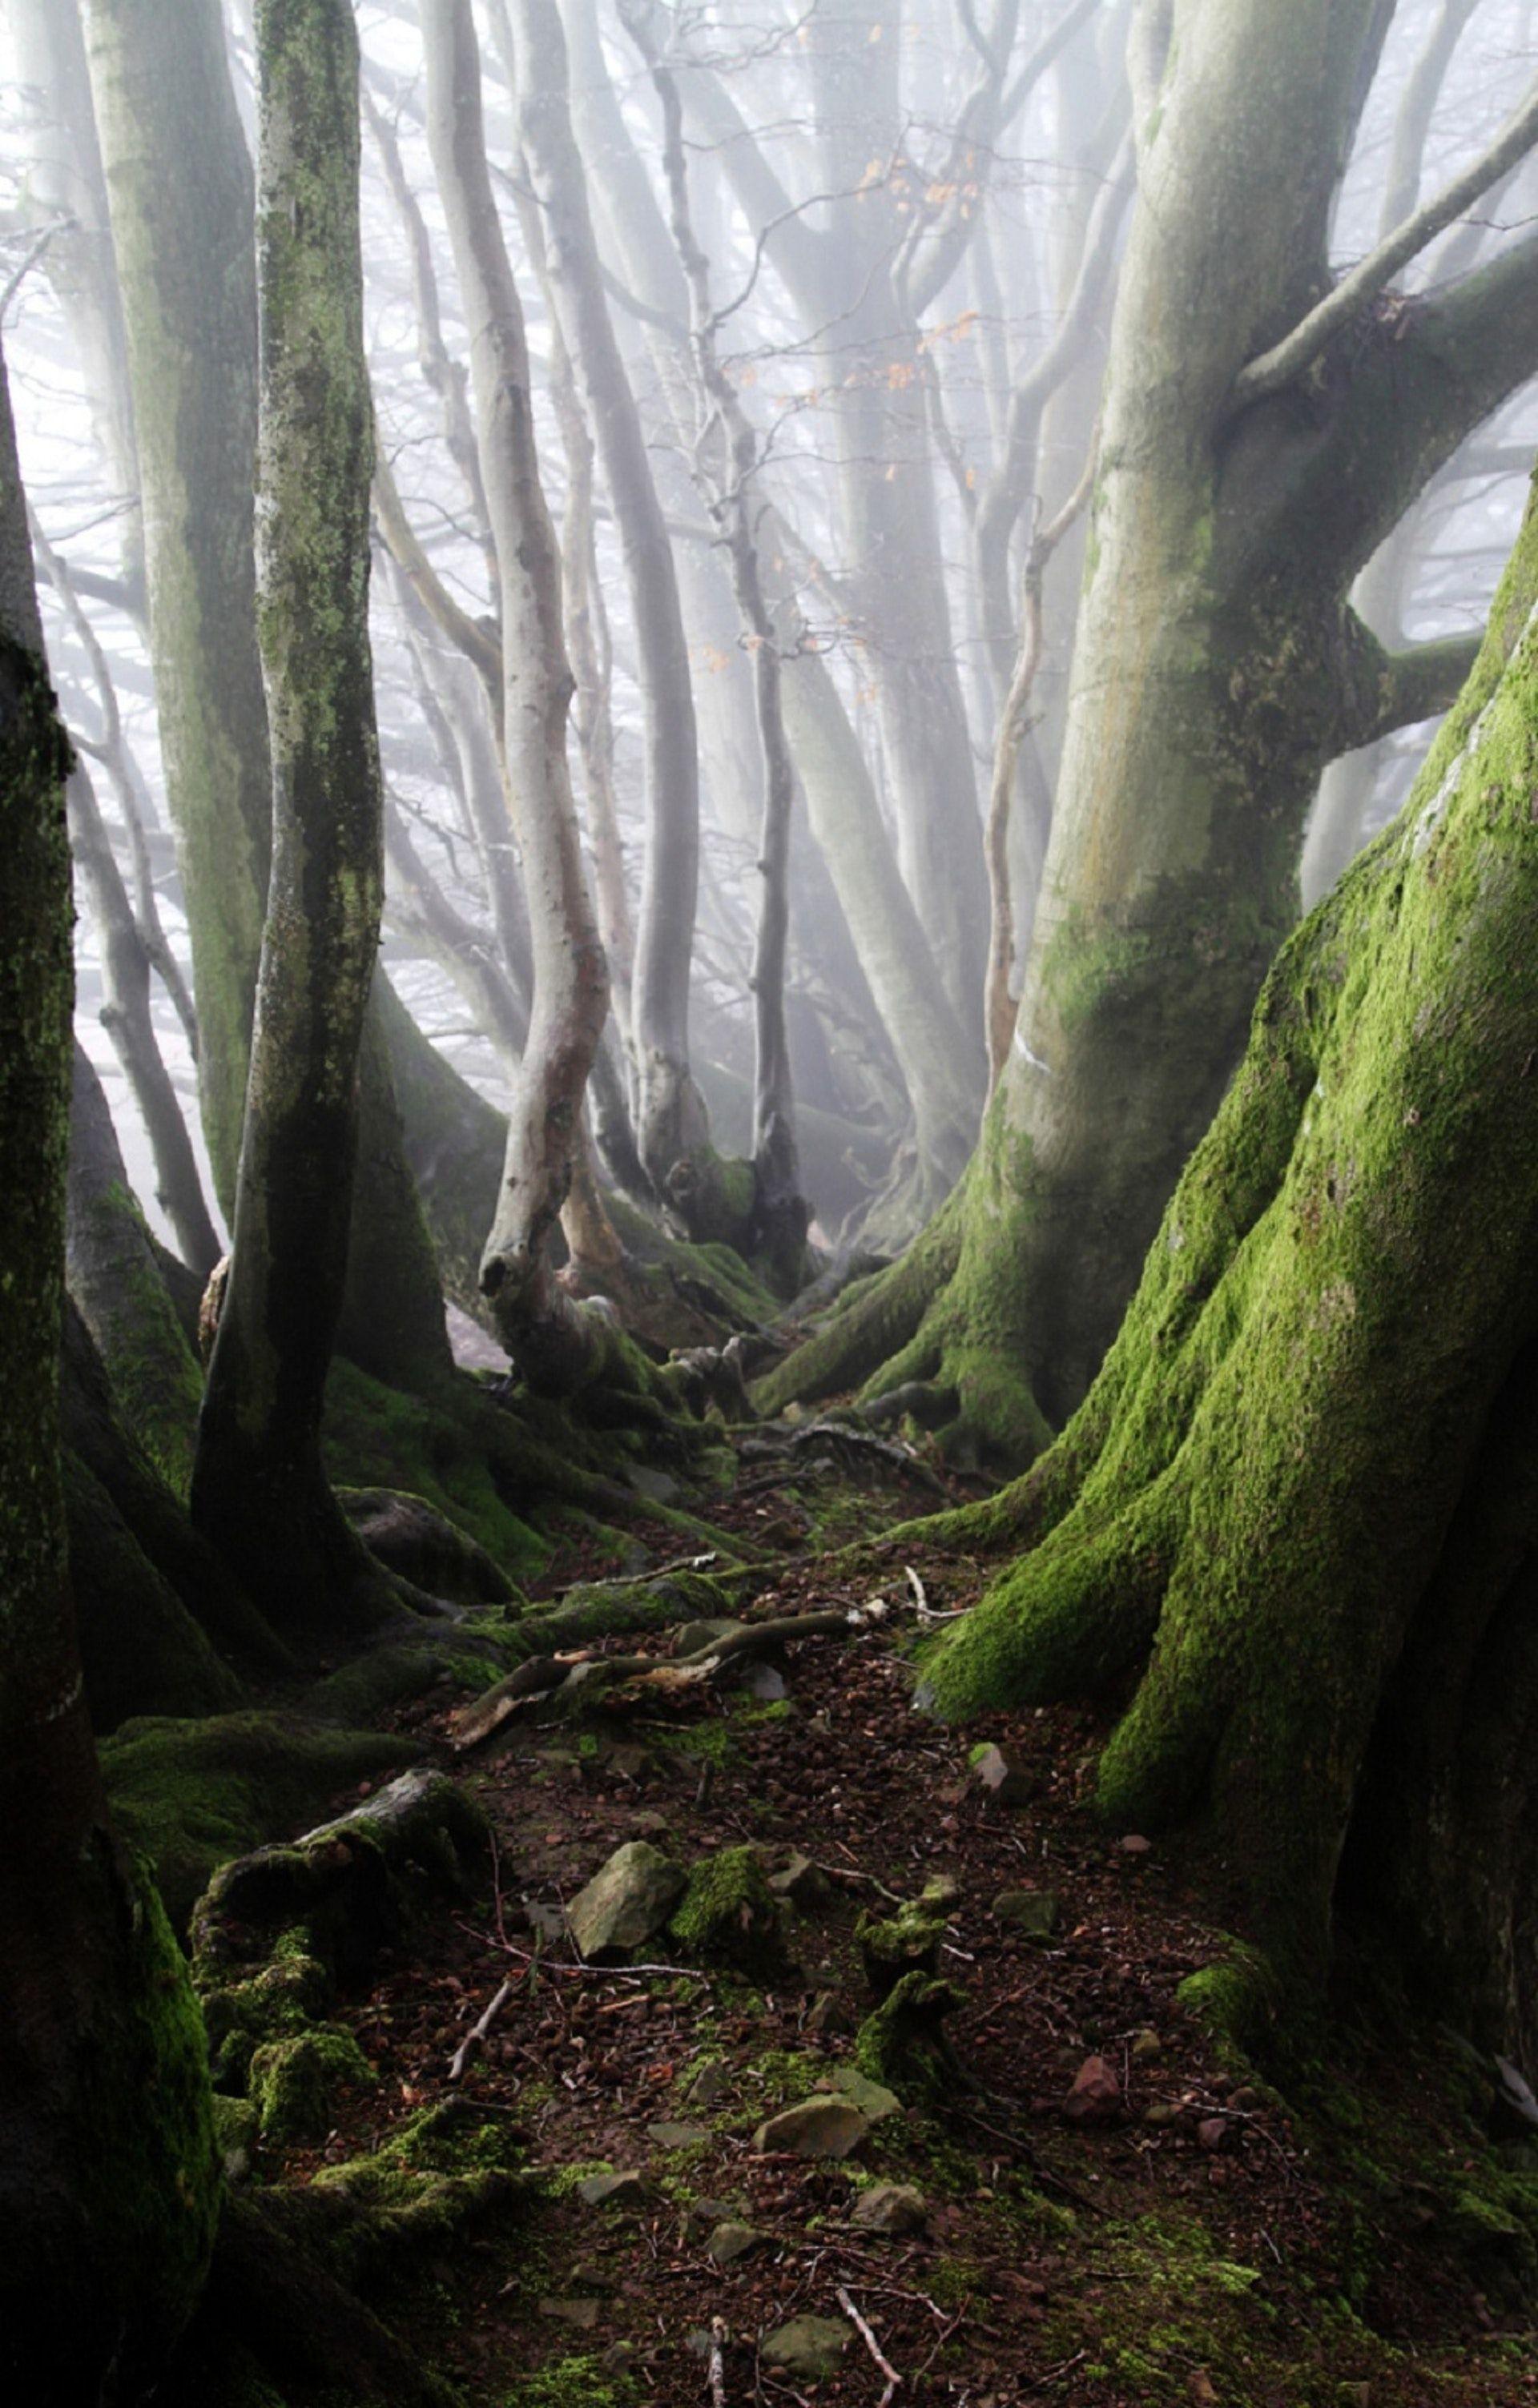 عکس زمینه درختان بلند تنومند پس زمینه